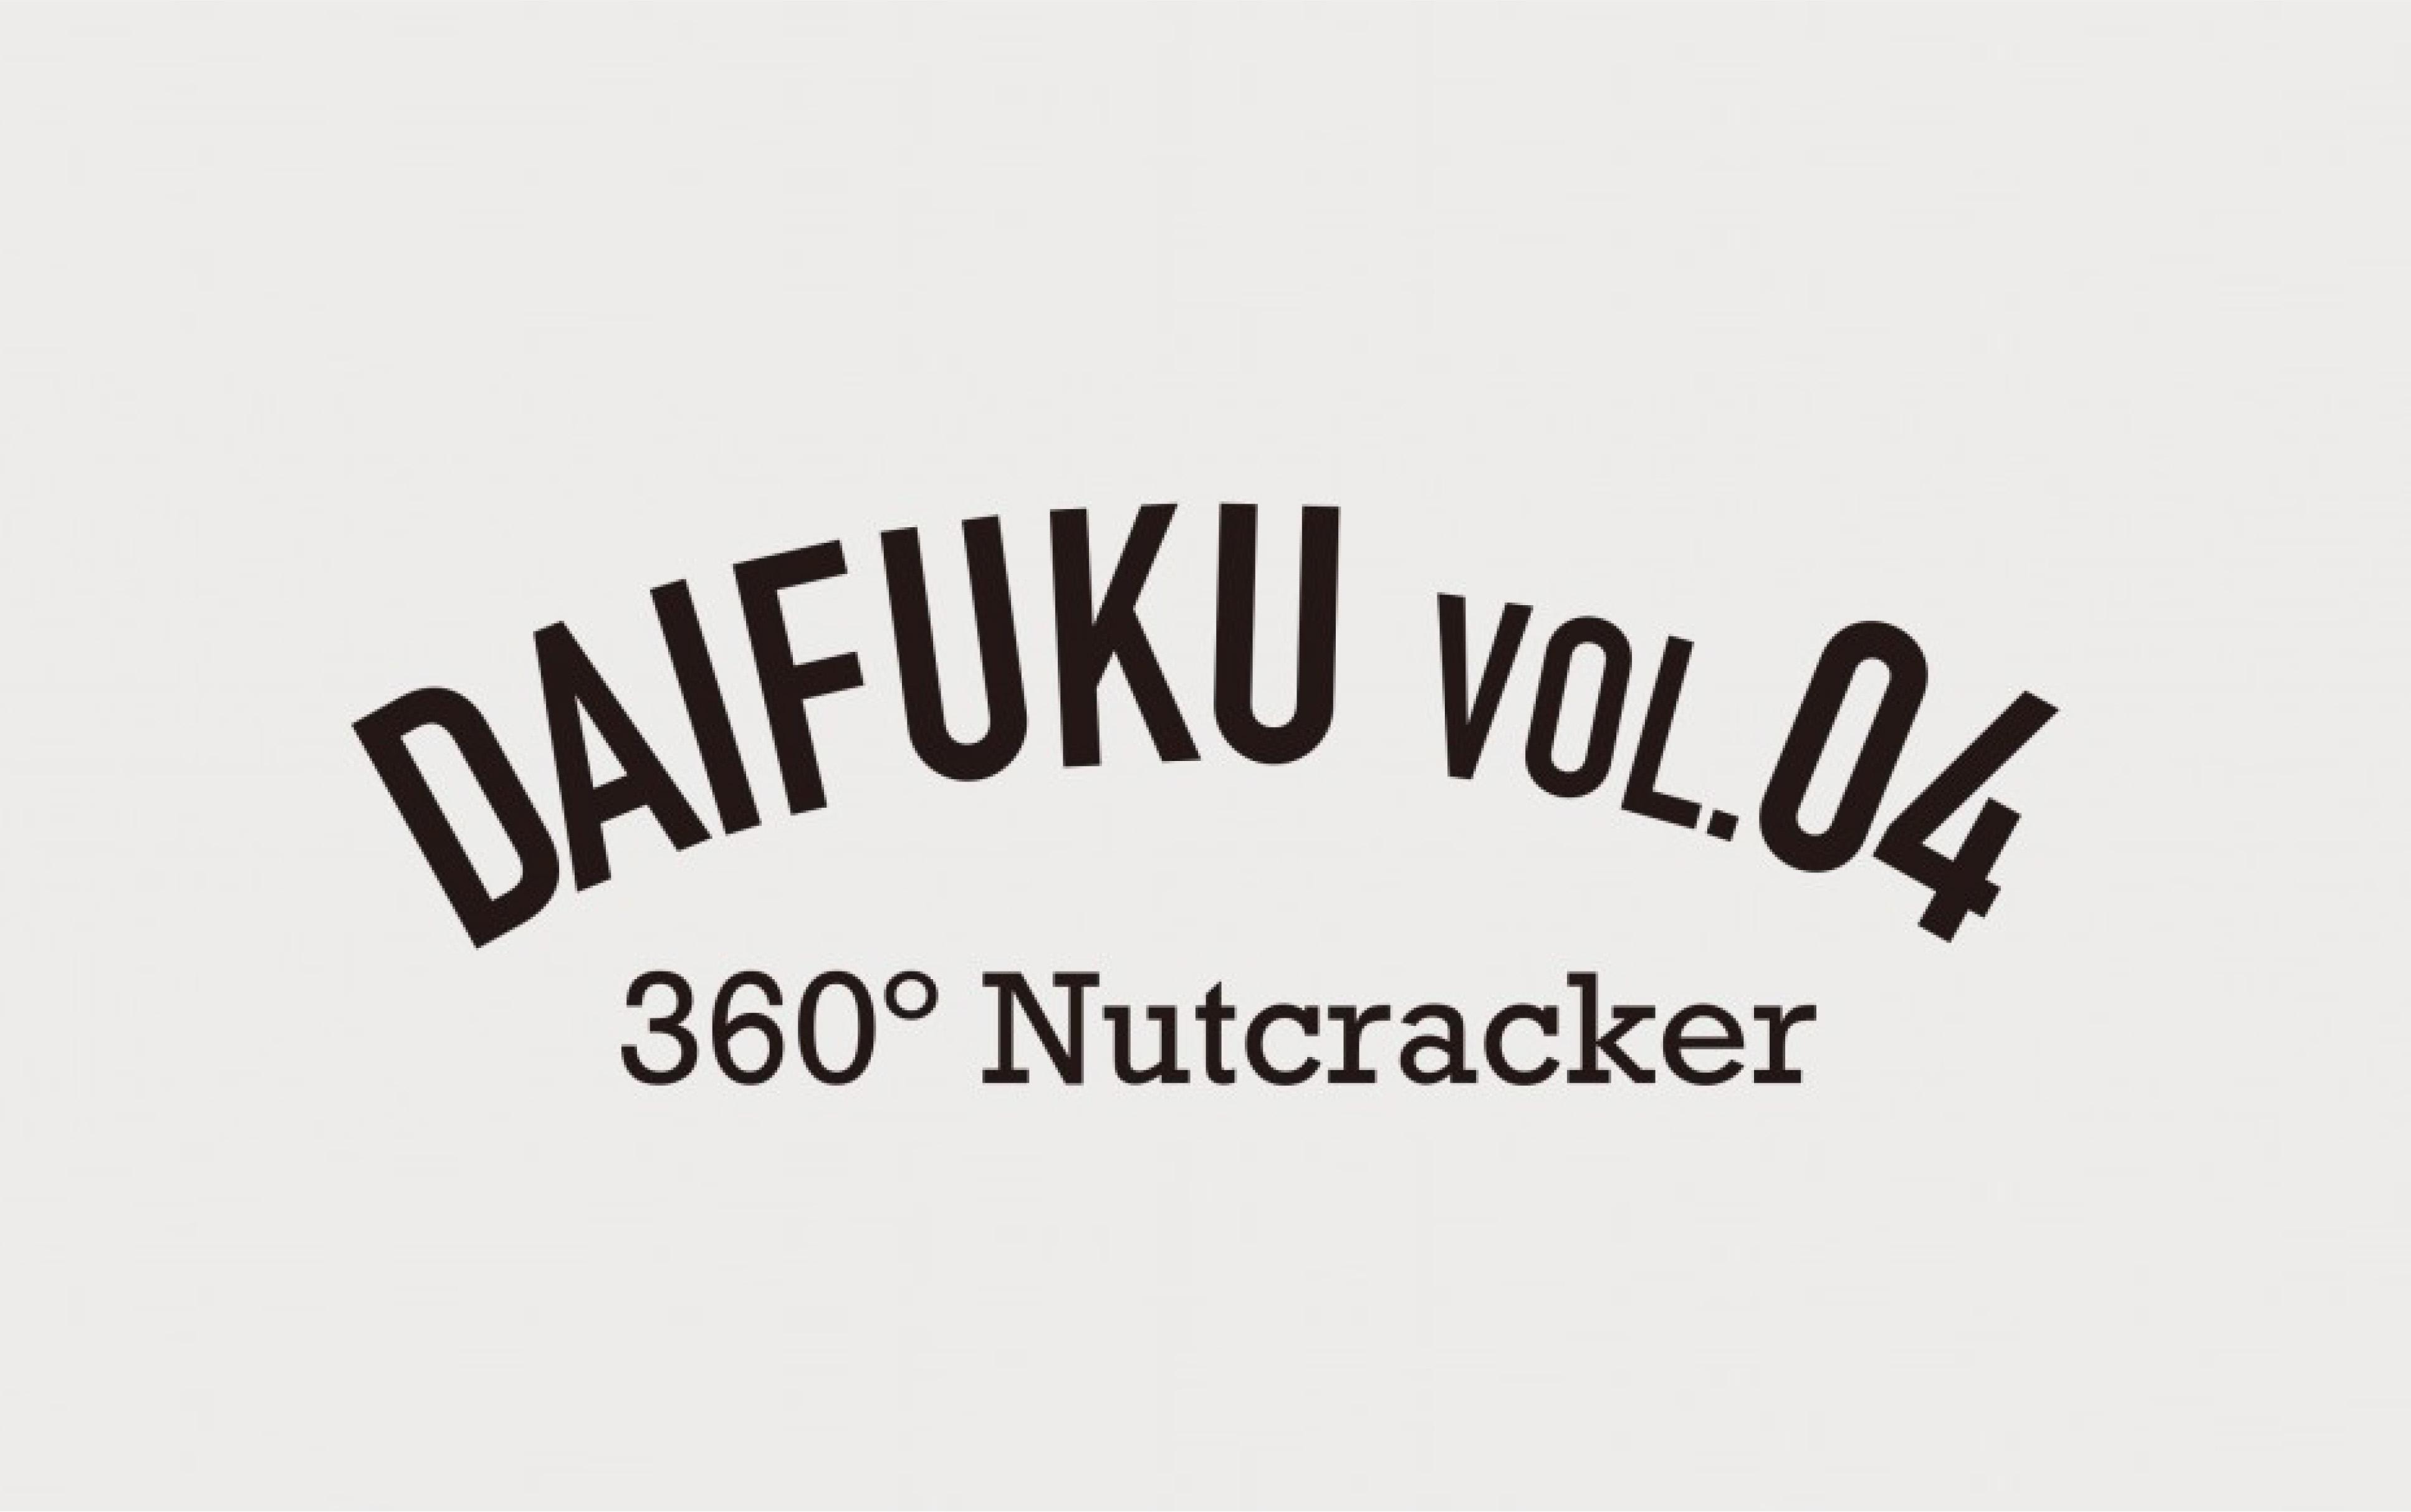 バレエの新しい世界! 360度で見せるバレエ作品! DAIFUKU  Vol.4『360° Nutcracker』配役決定 & チケット販売開始!